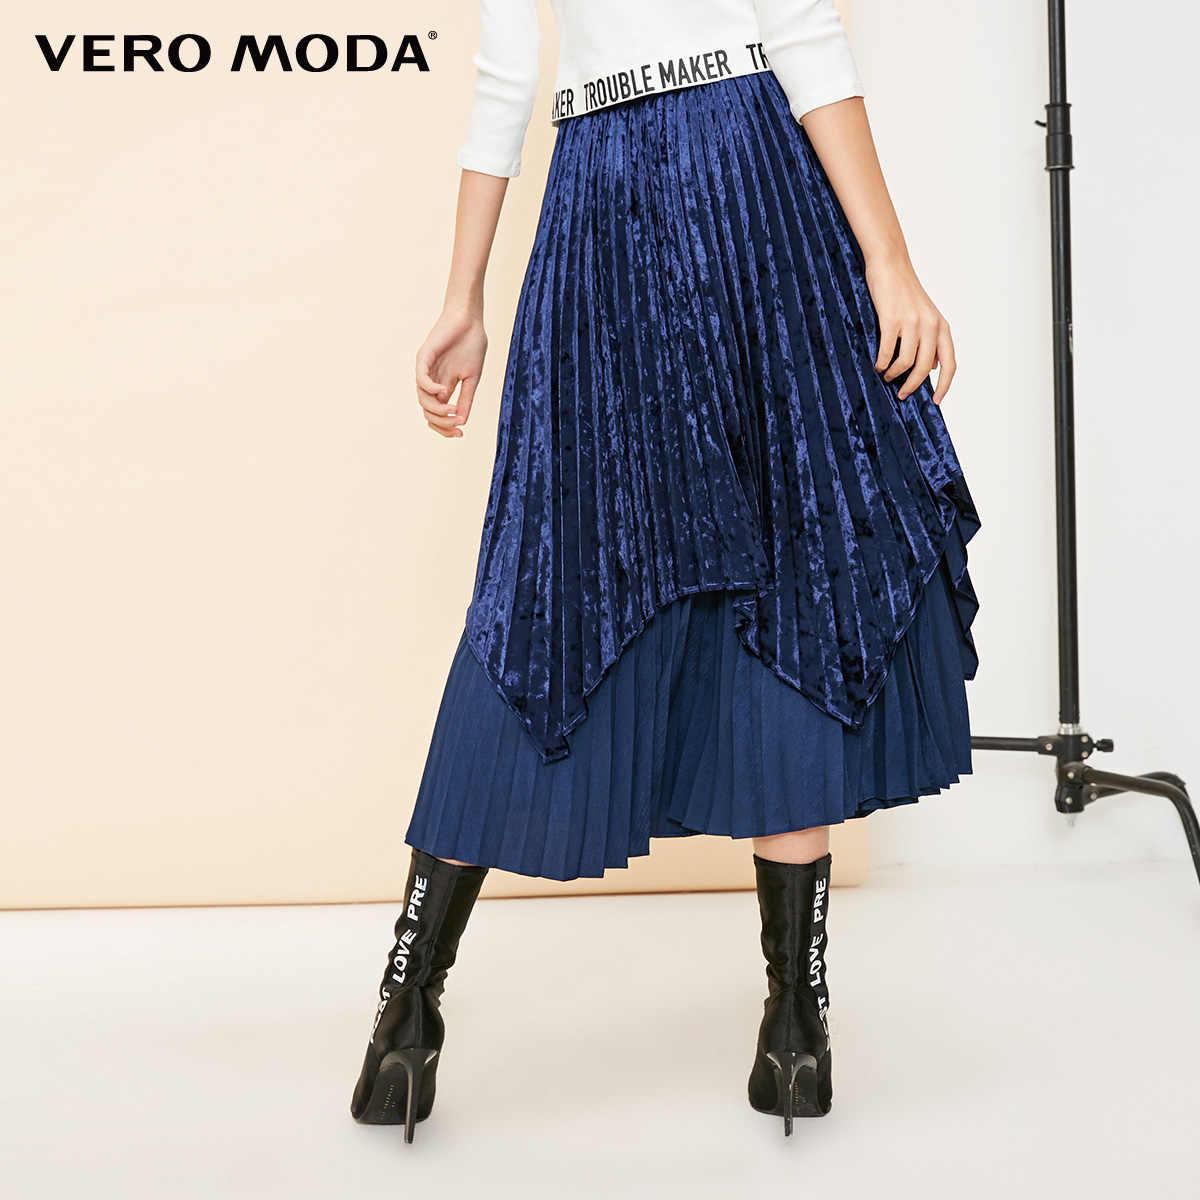 Vero Moda 2019 Новые поступления боковая молния бархатные многоярусные Плиссированные Длинные юбки | 318416510